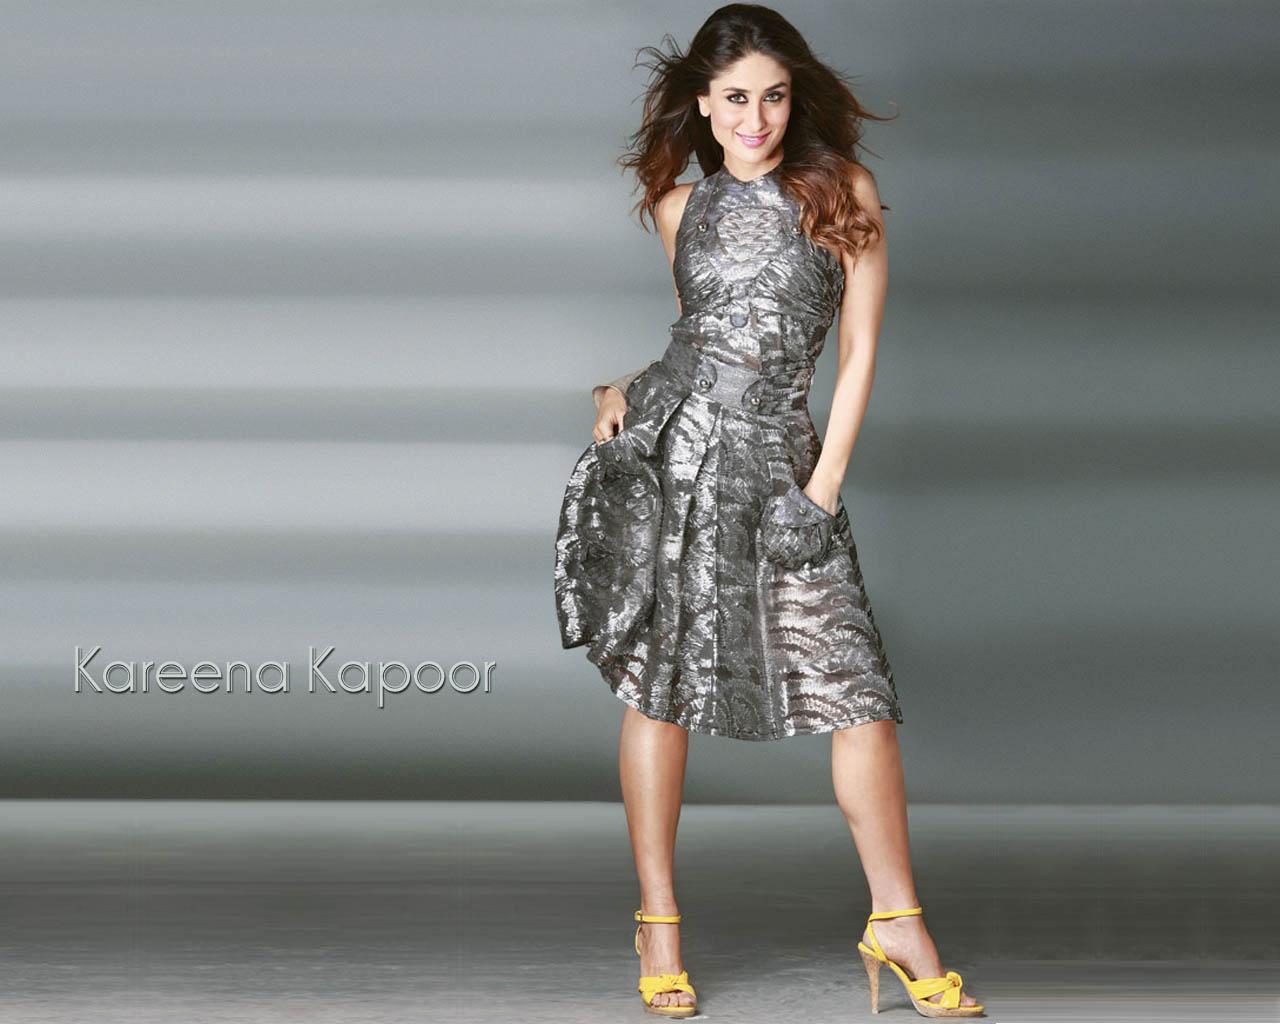 Karina Kapoor Hot-Photo Of Kareena - Hot Images-7693